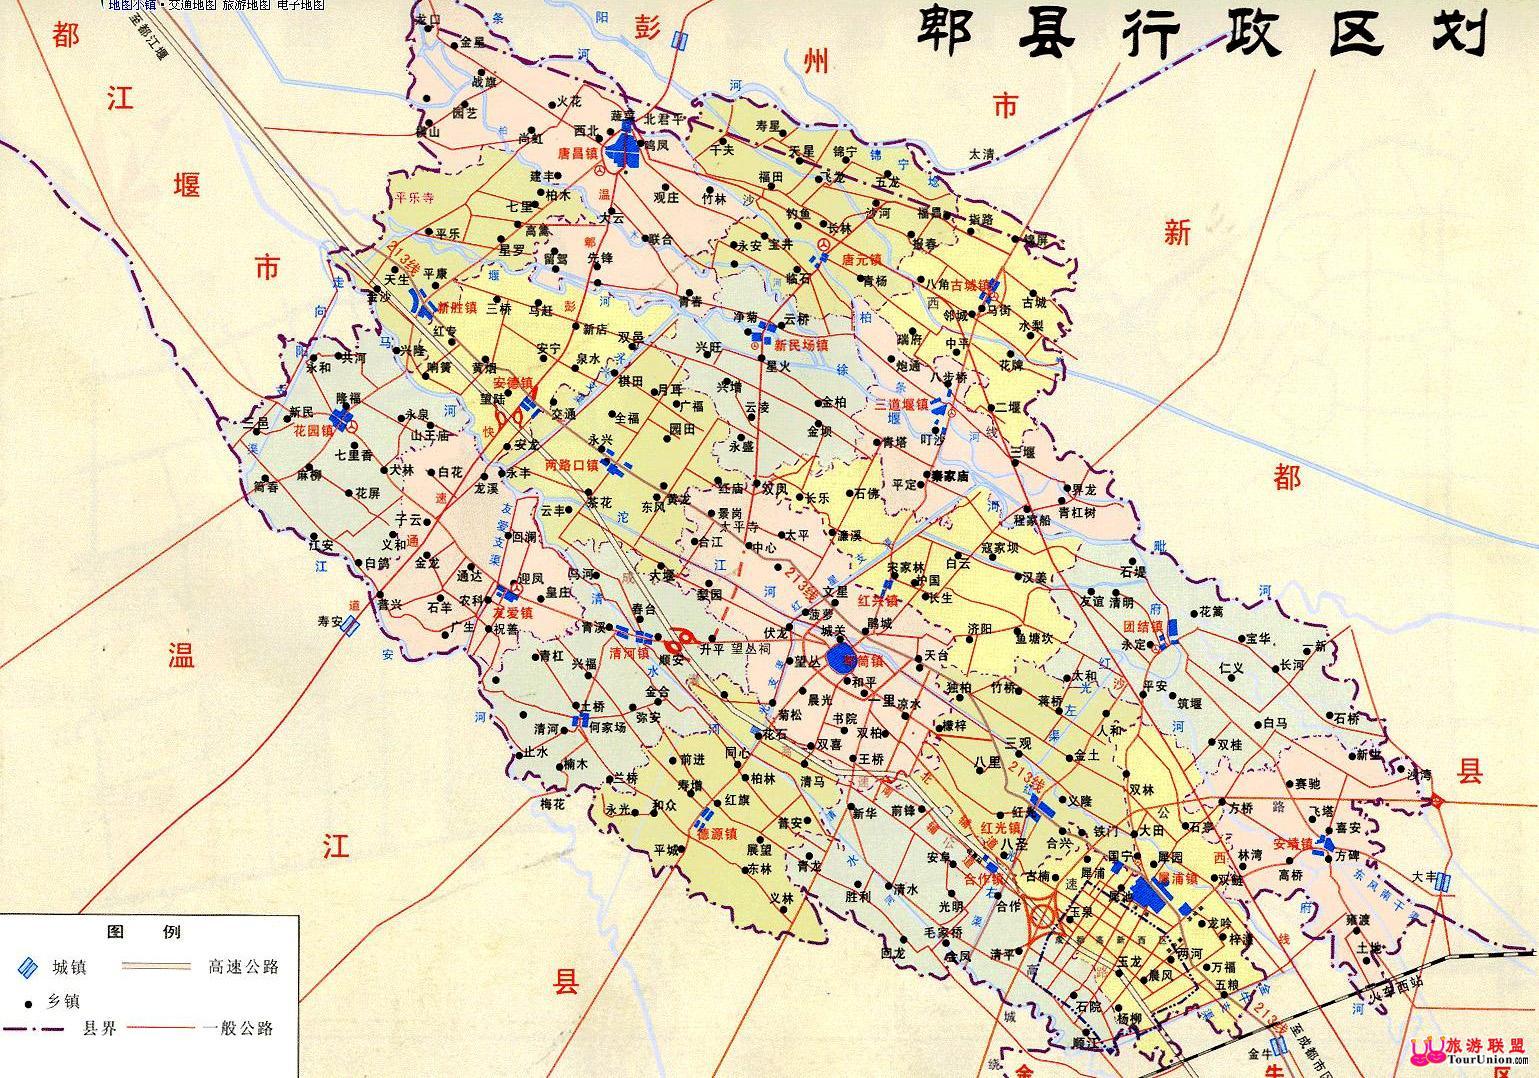 成都市地图全图大图【相关词_ 成都市地图高清全图】